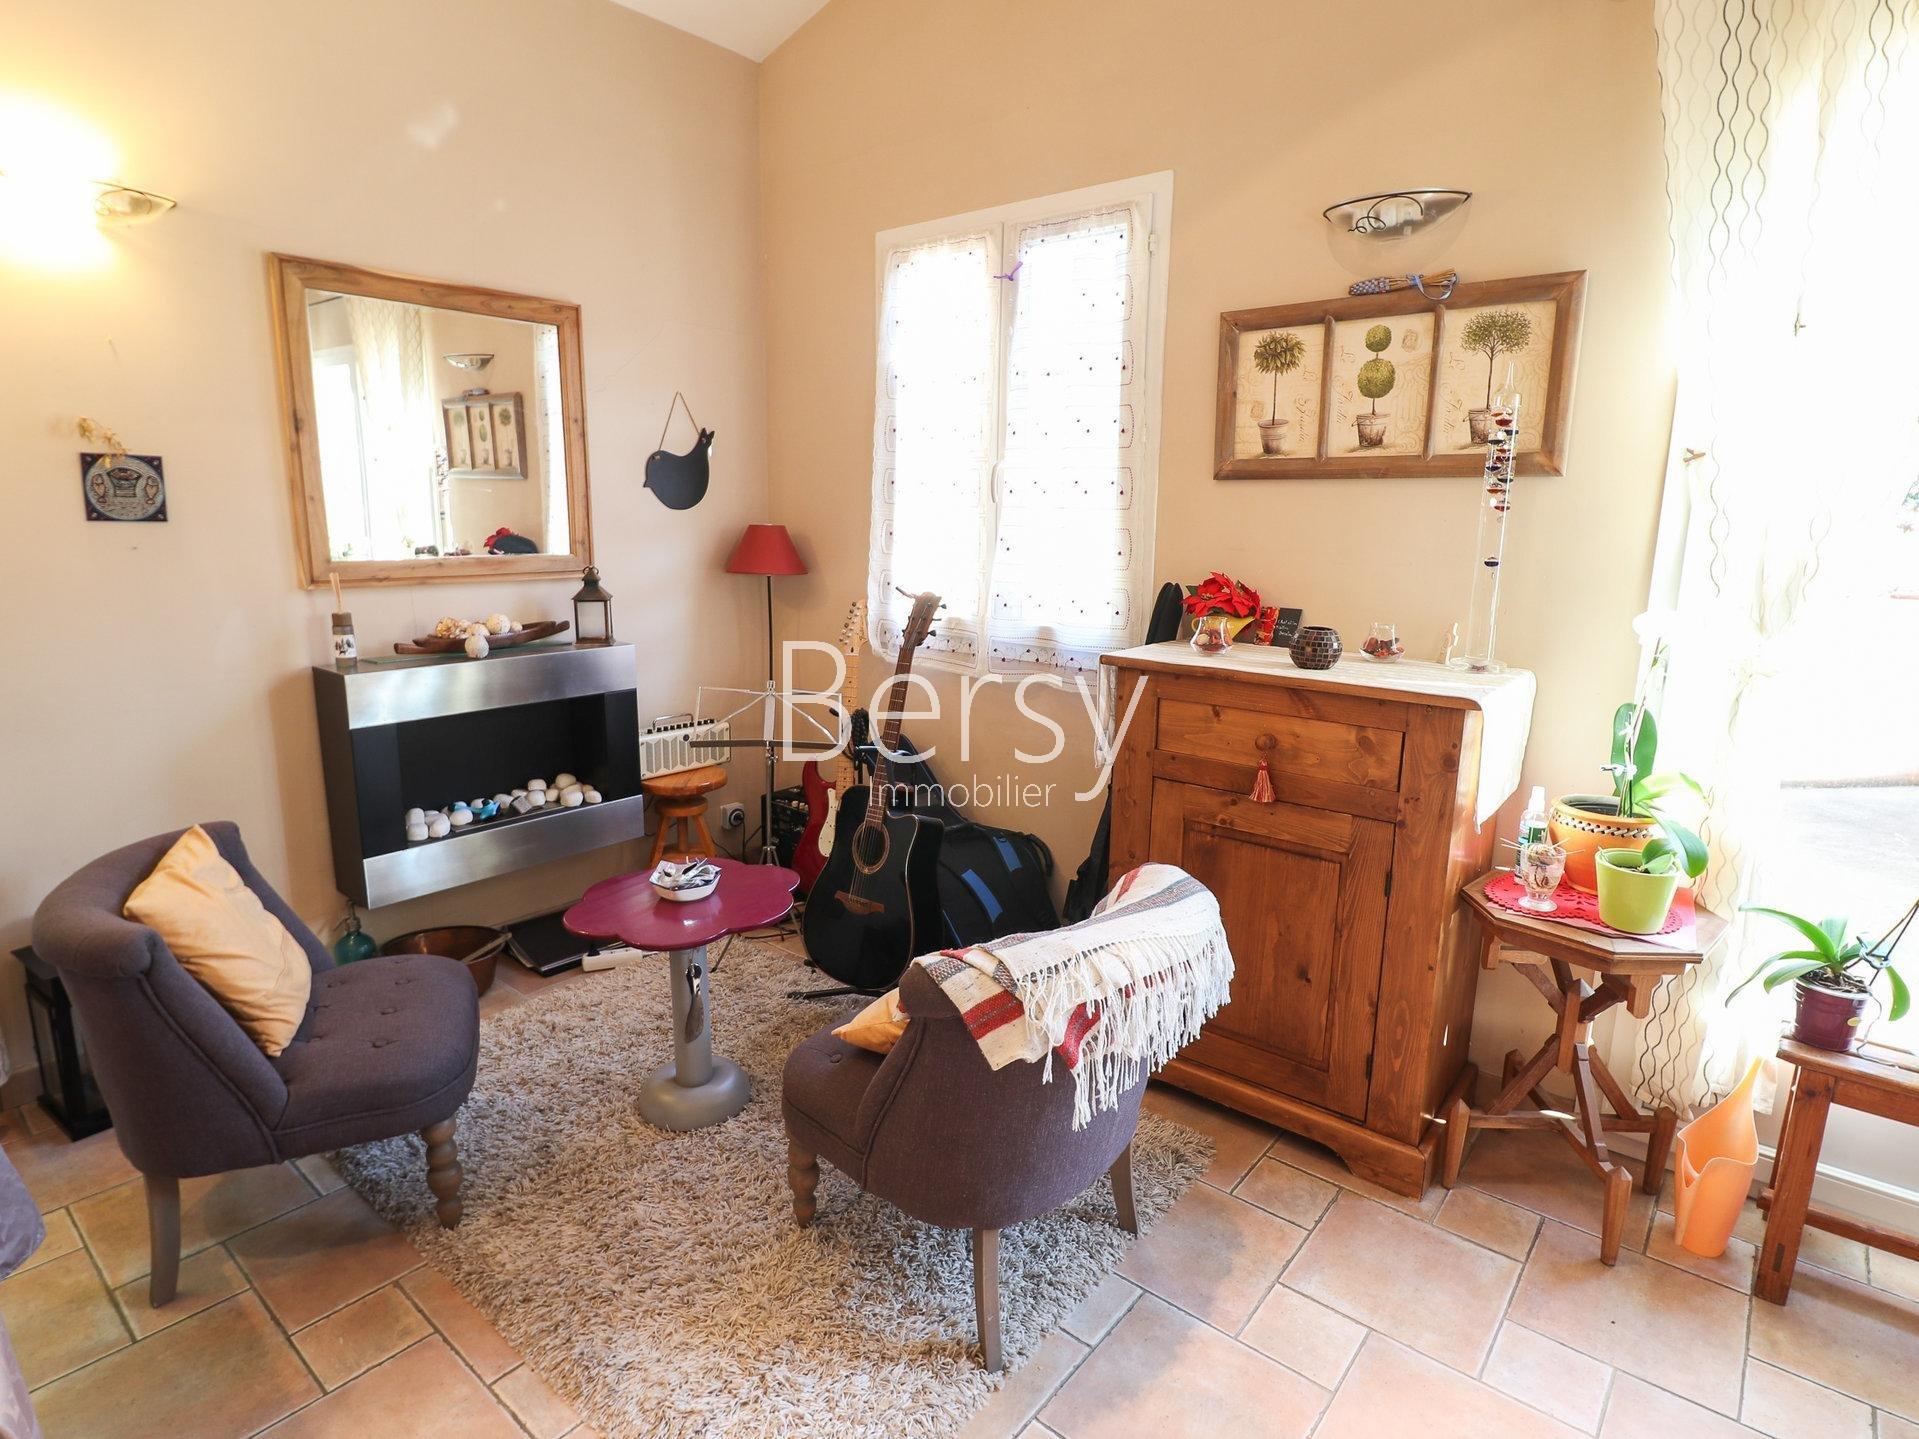 TROP TARD, C'EST VENDU ! _ Maison de famille de 215m² - 6/7 chambres - 2500m² de terrain - piscine et garage de 50 m²